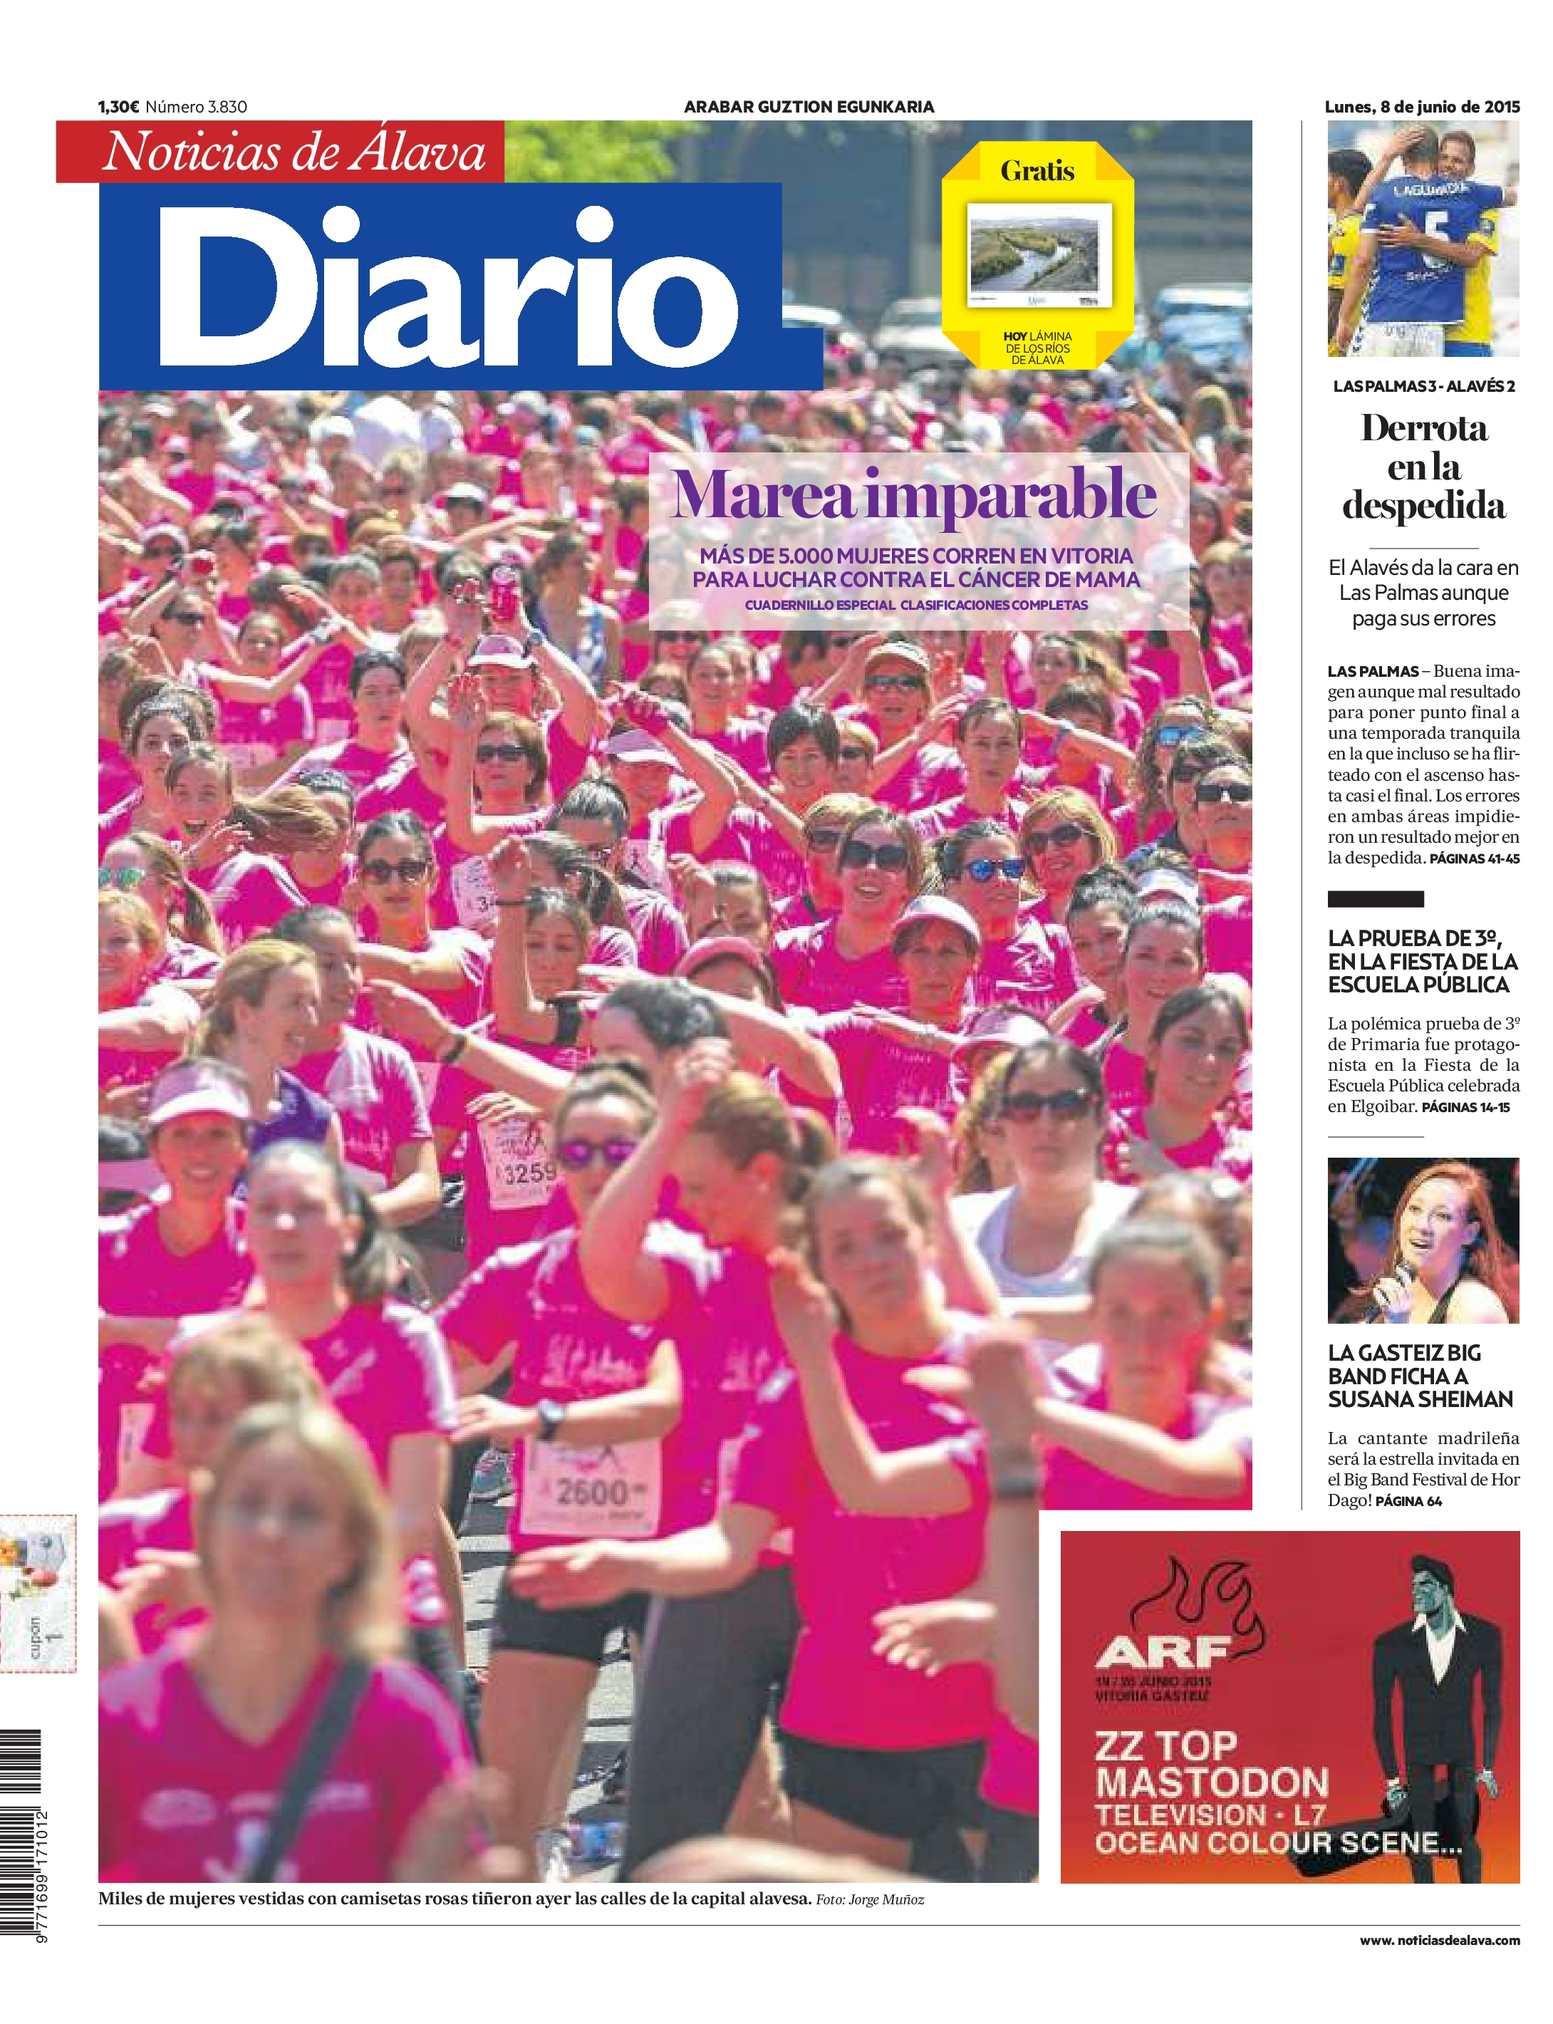 Calaméo - Diario de Noticias de Álava 20150608